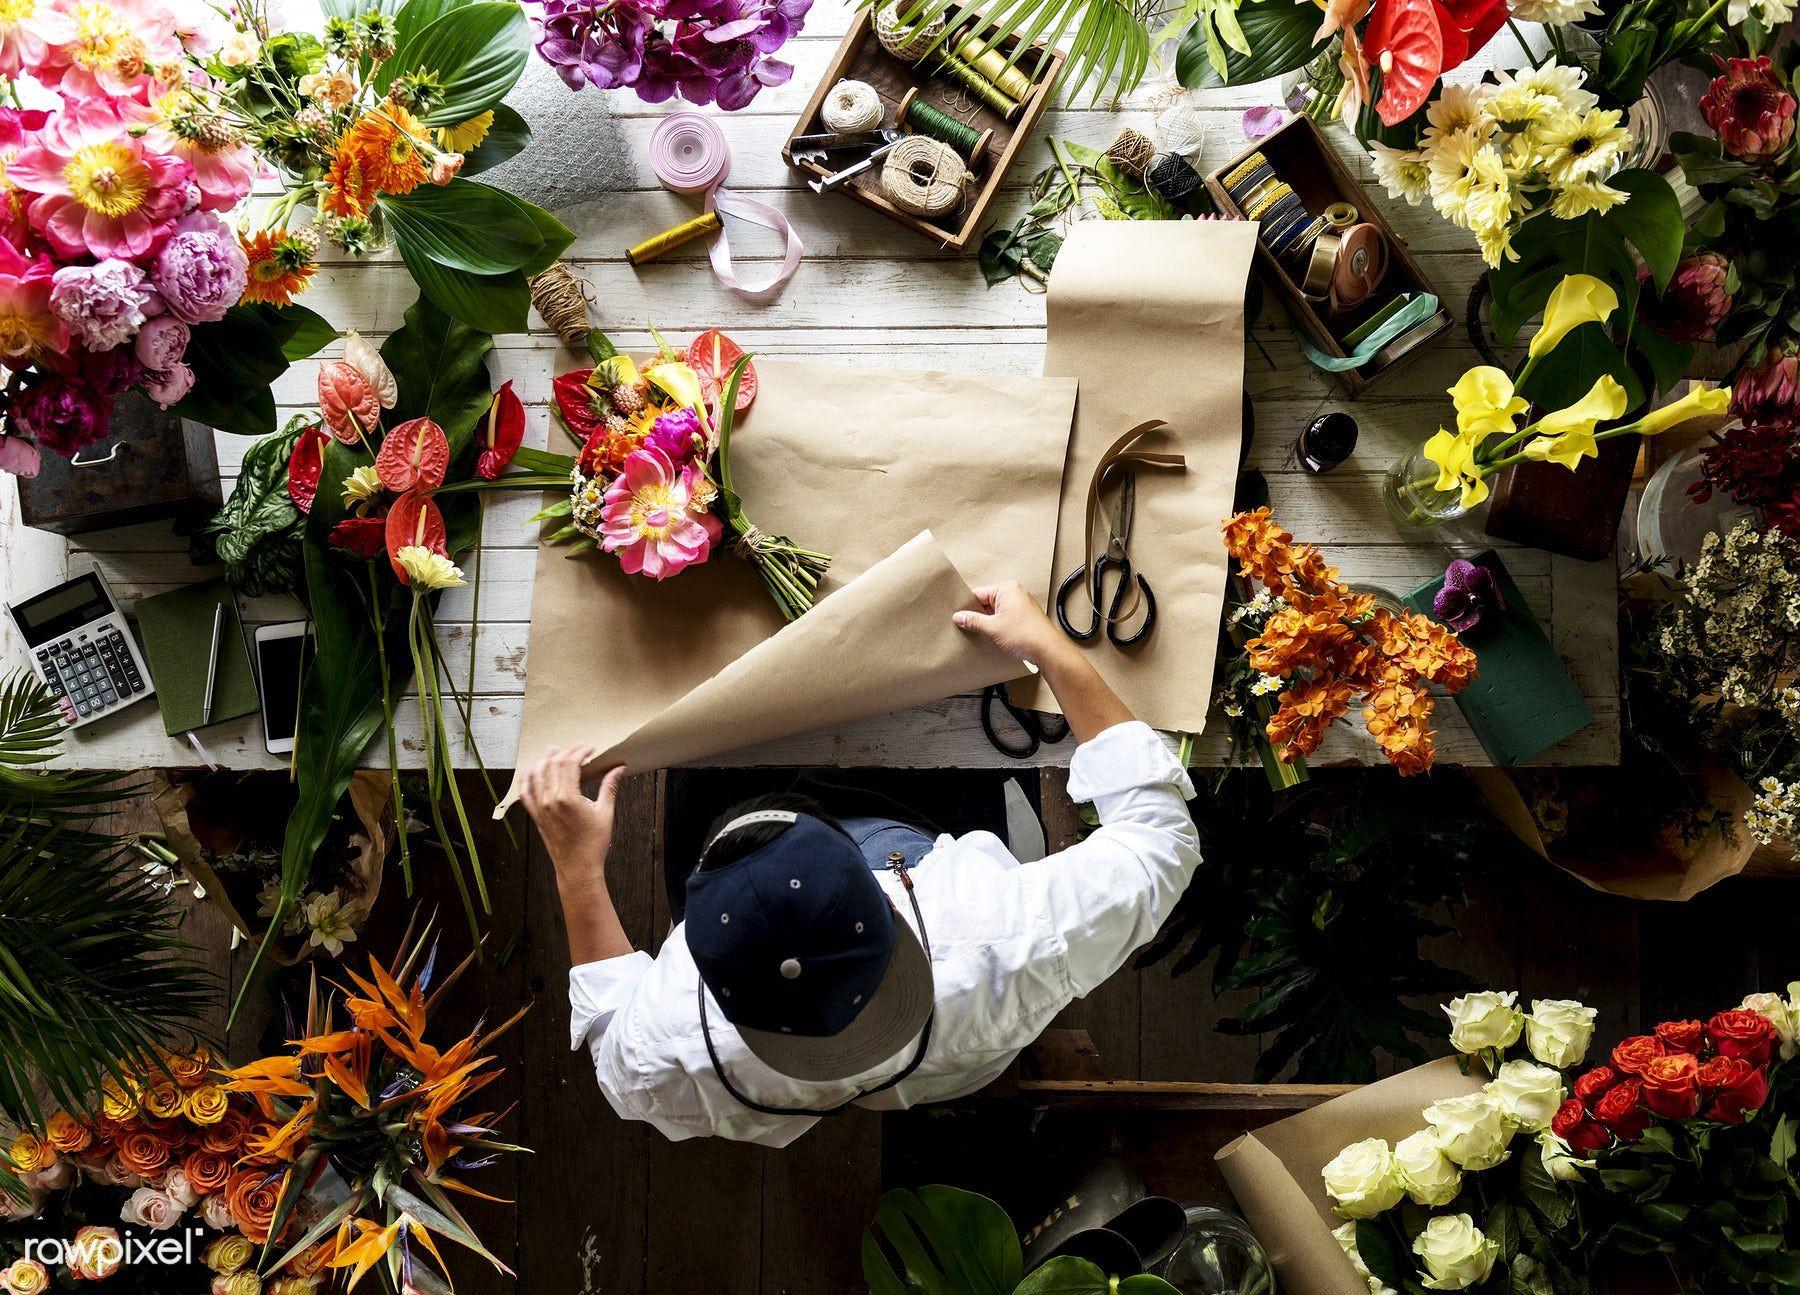 Florist making a flower arrangement in a flower shop